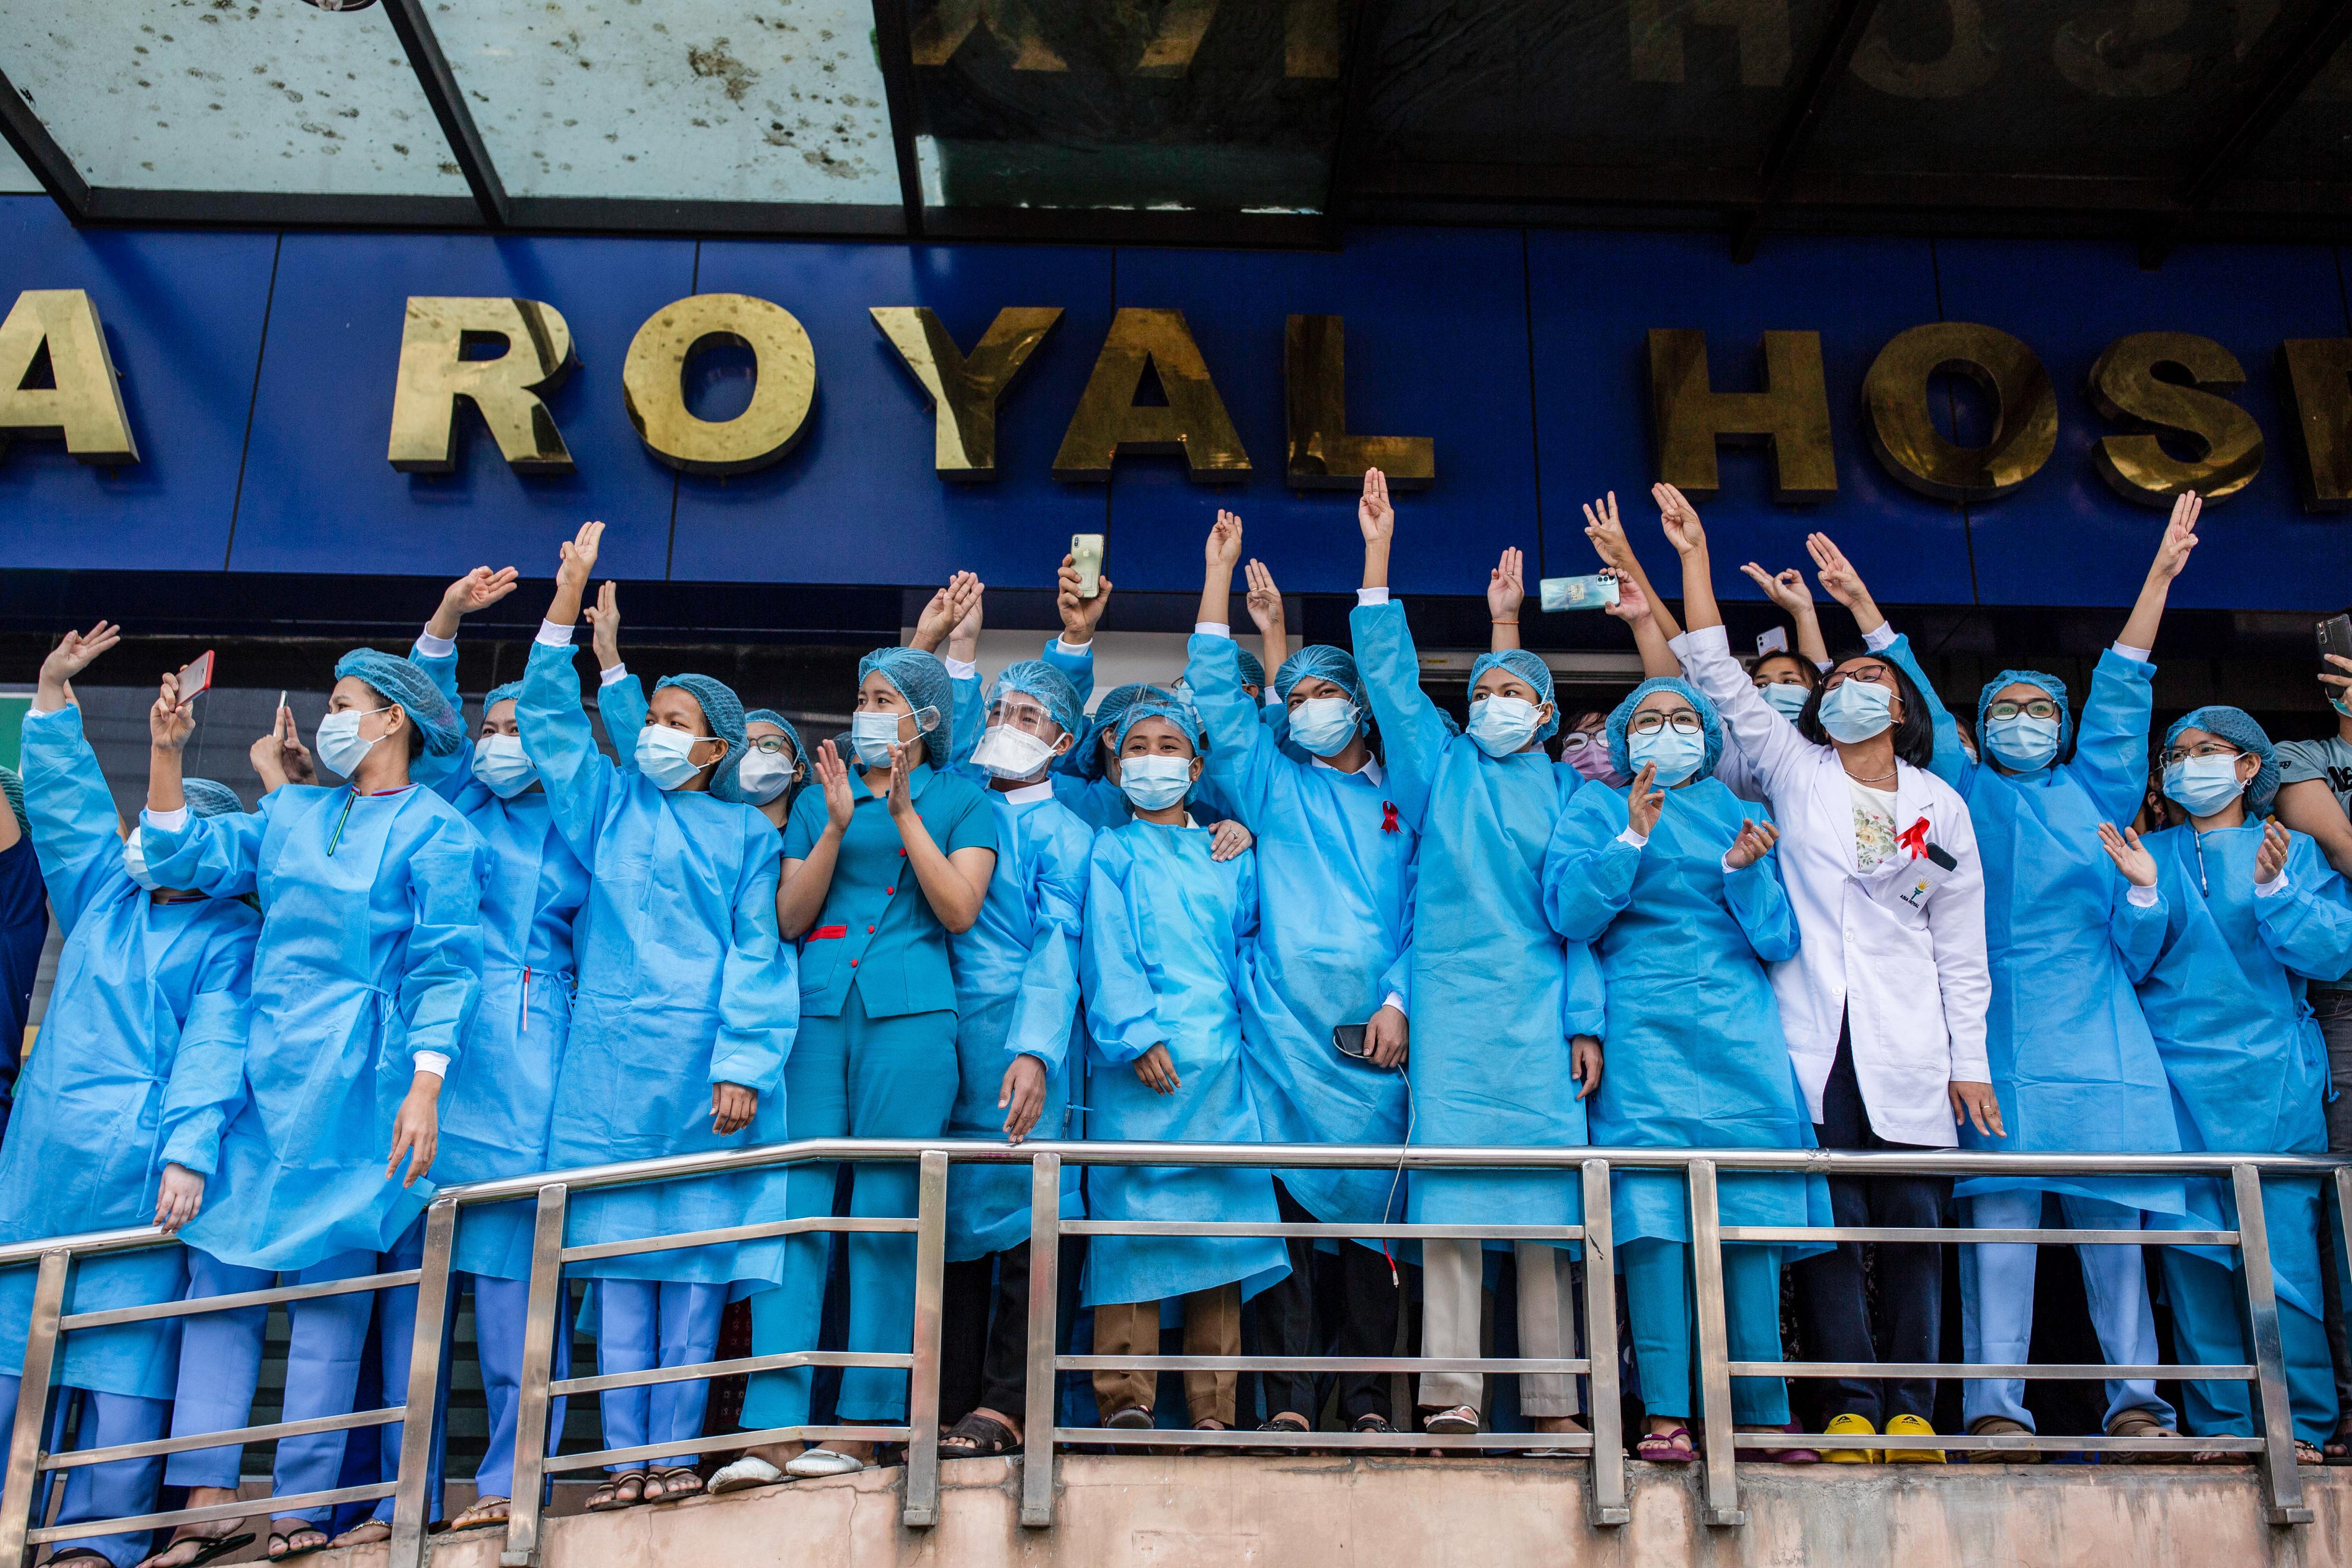 2021年2月7年緬甸仰光,醫護工作者在反對軍政府的示威遊行中舉起三隻手指致敬。